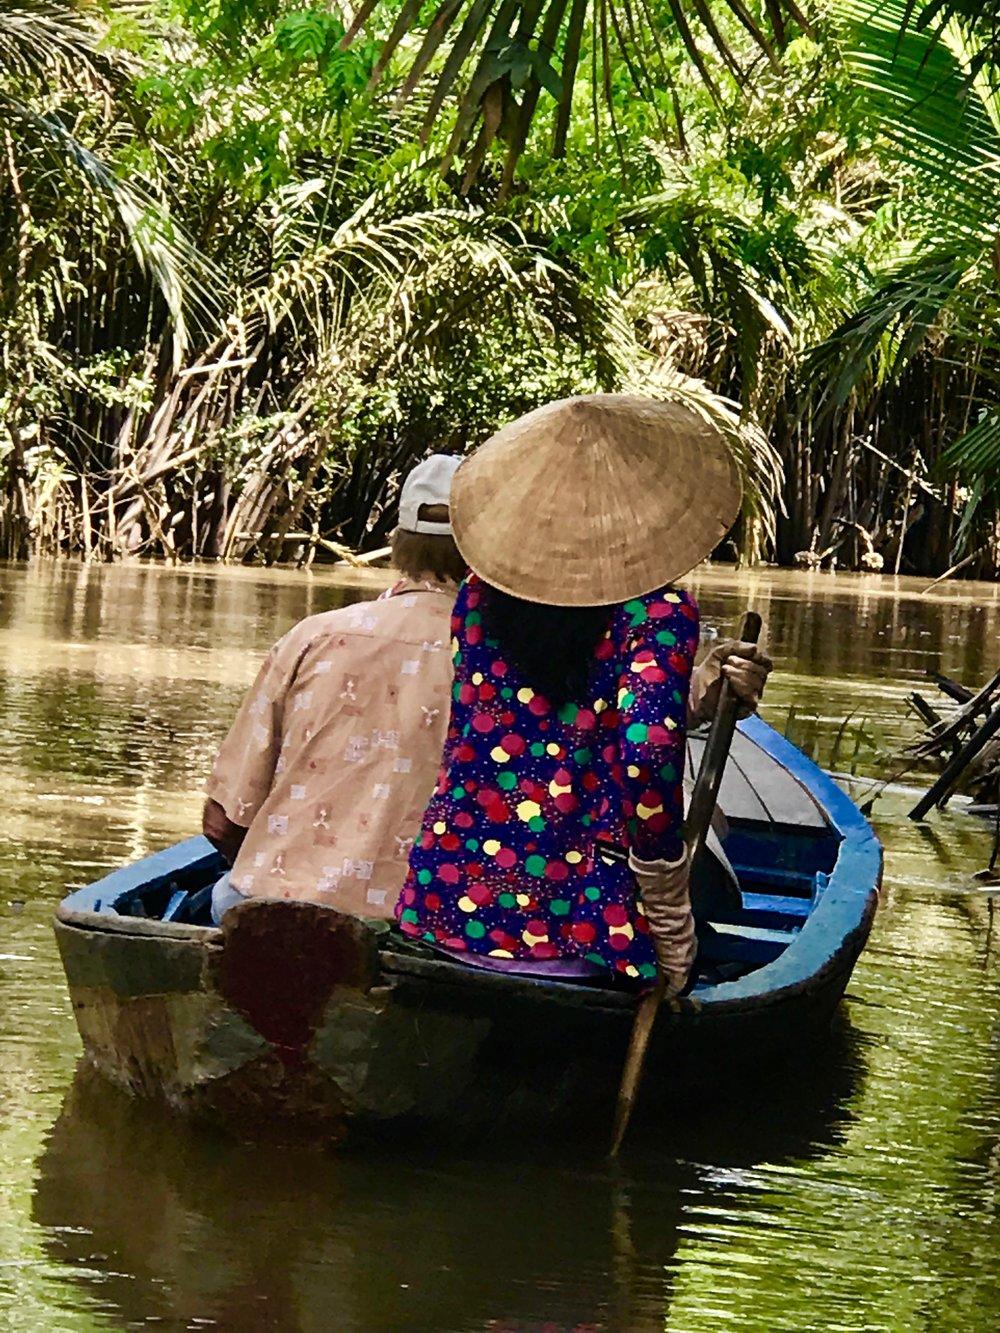 Woman Rowboat Guide in color.jpg*.jpg